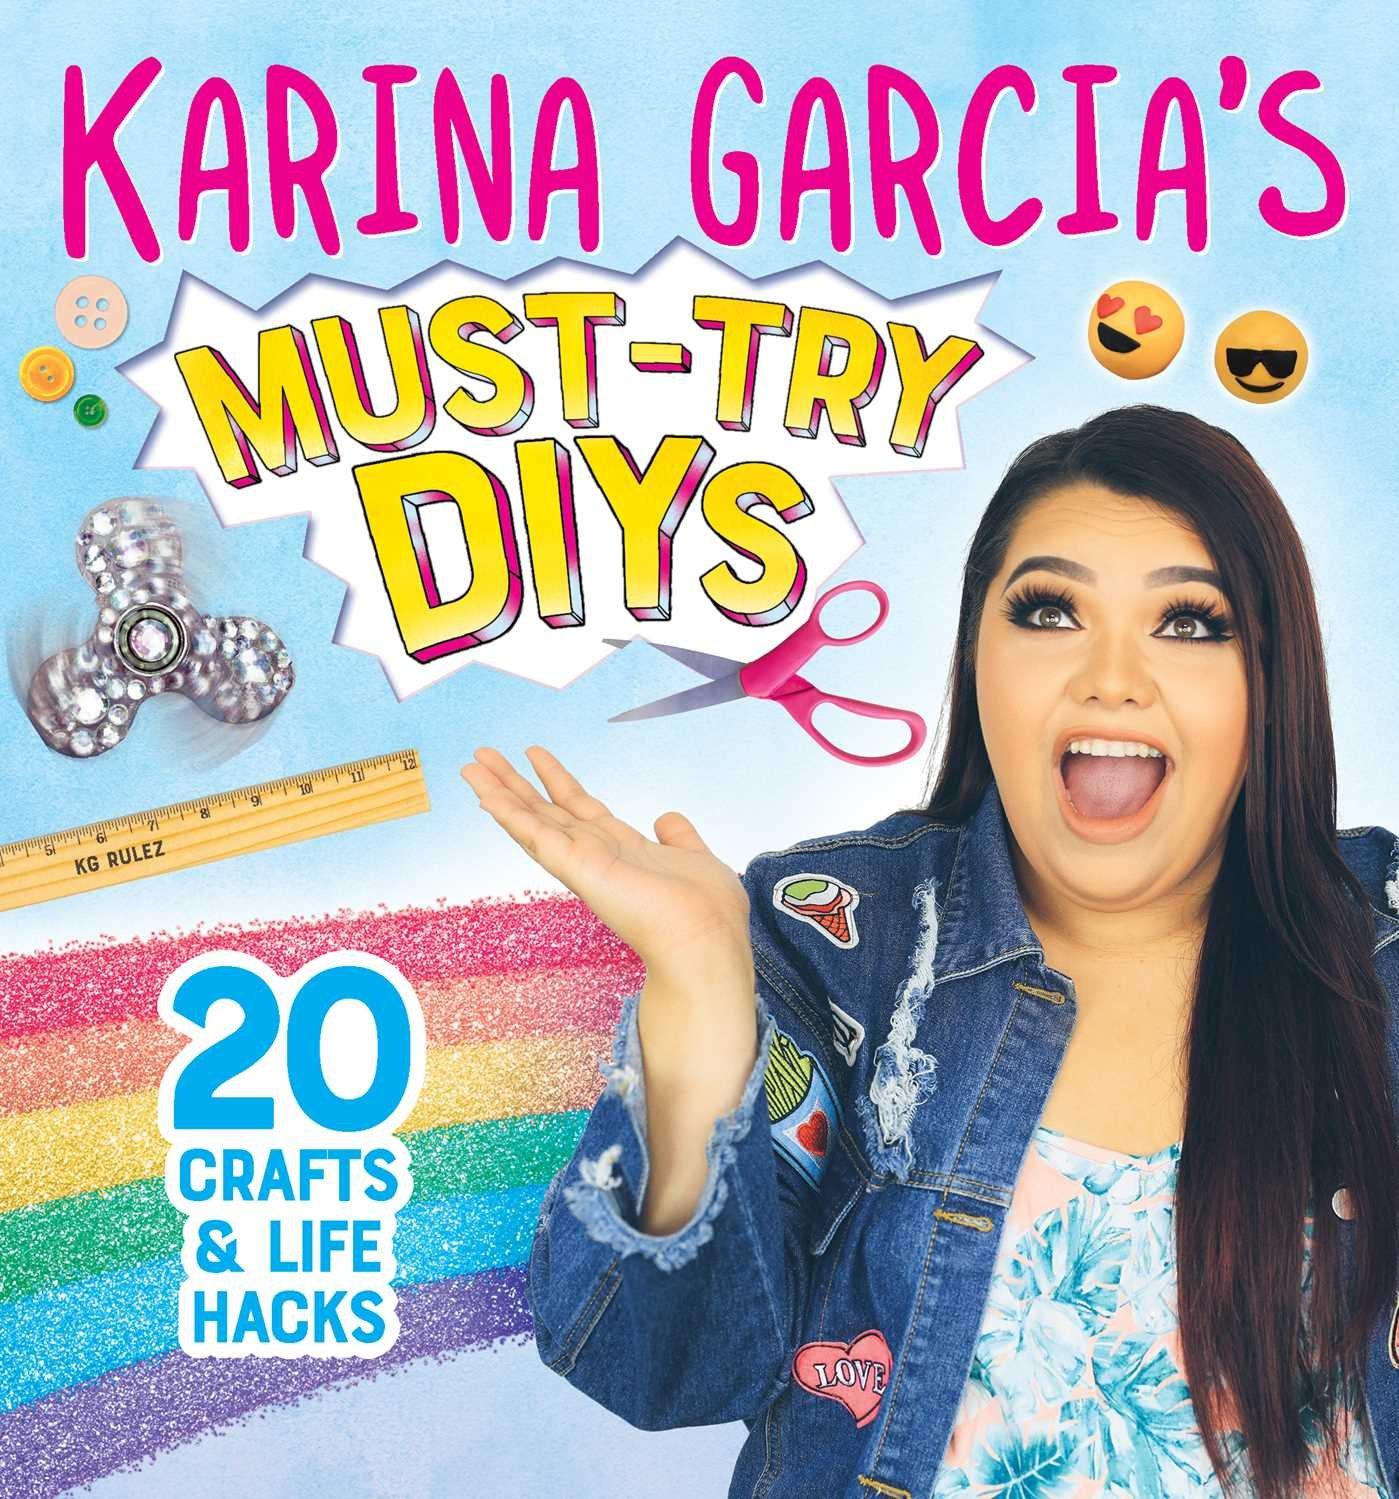 KARINA GARCIAS MUST-TRY DIYS: 20 Crafts & Life Hacks: Amazon.es: Garcia, Karina: Libros en idiomas extranjeros